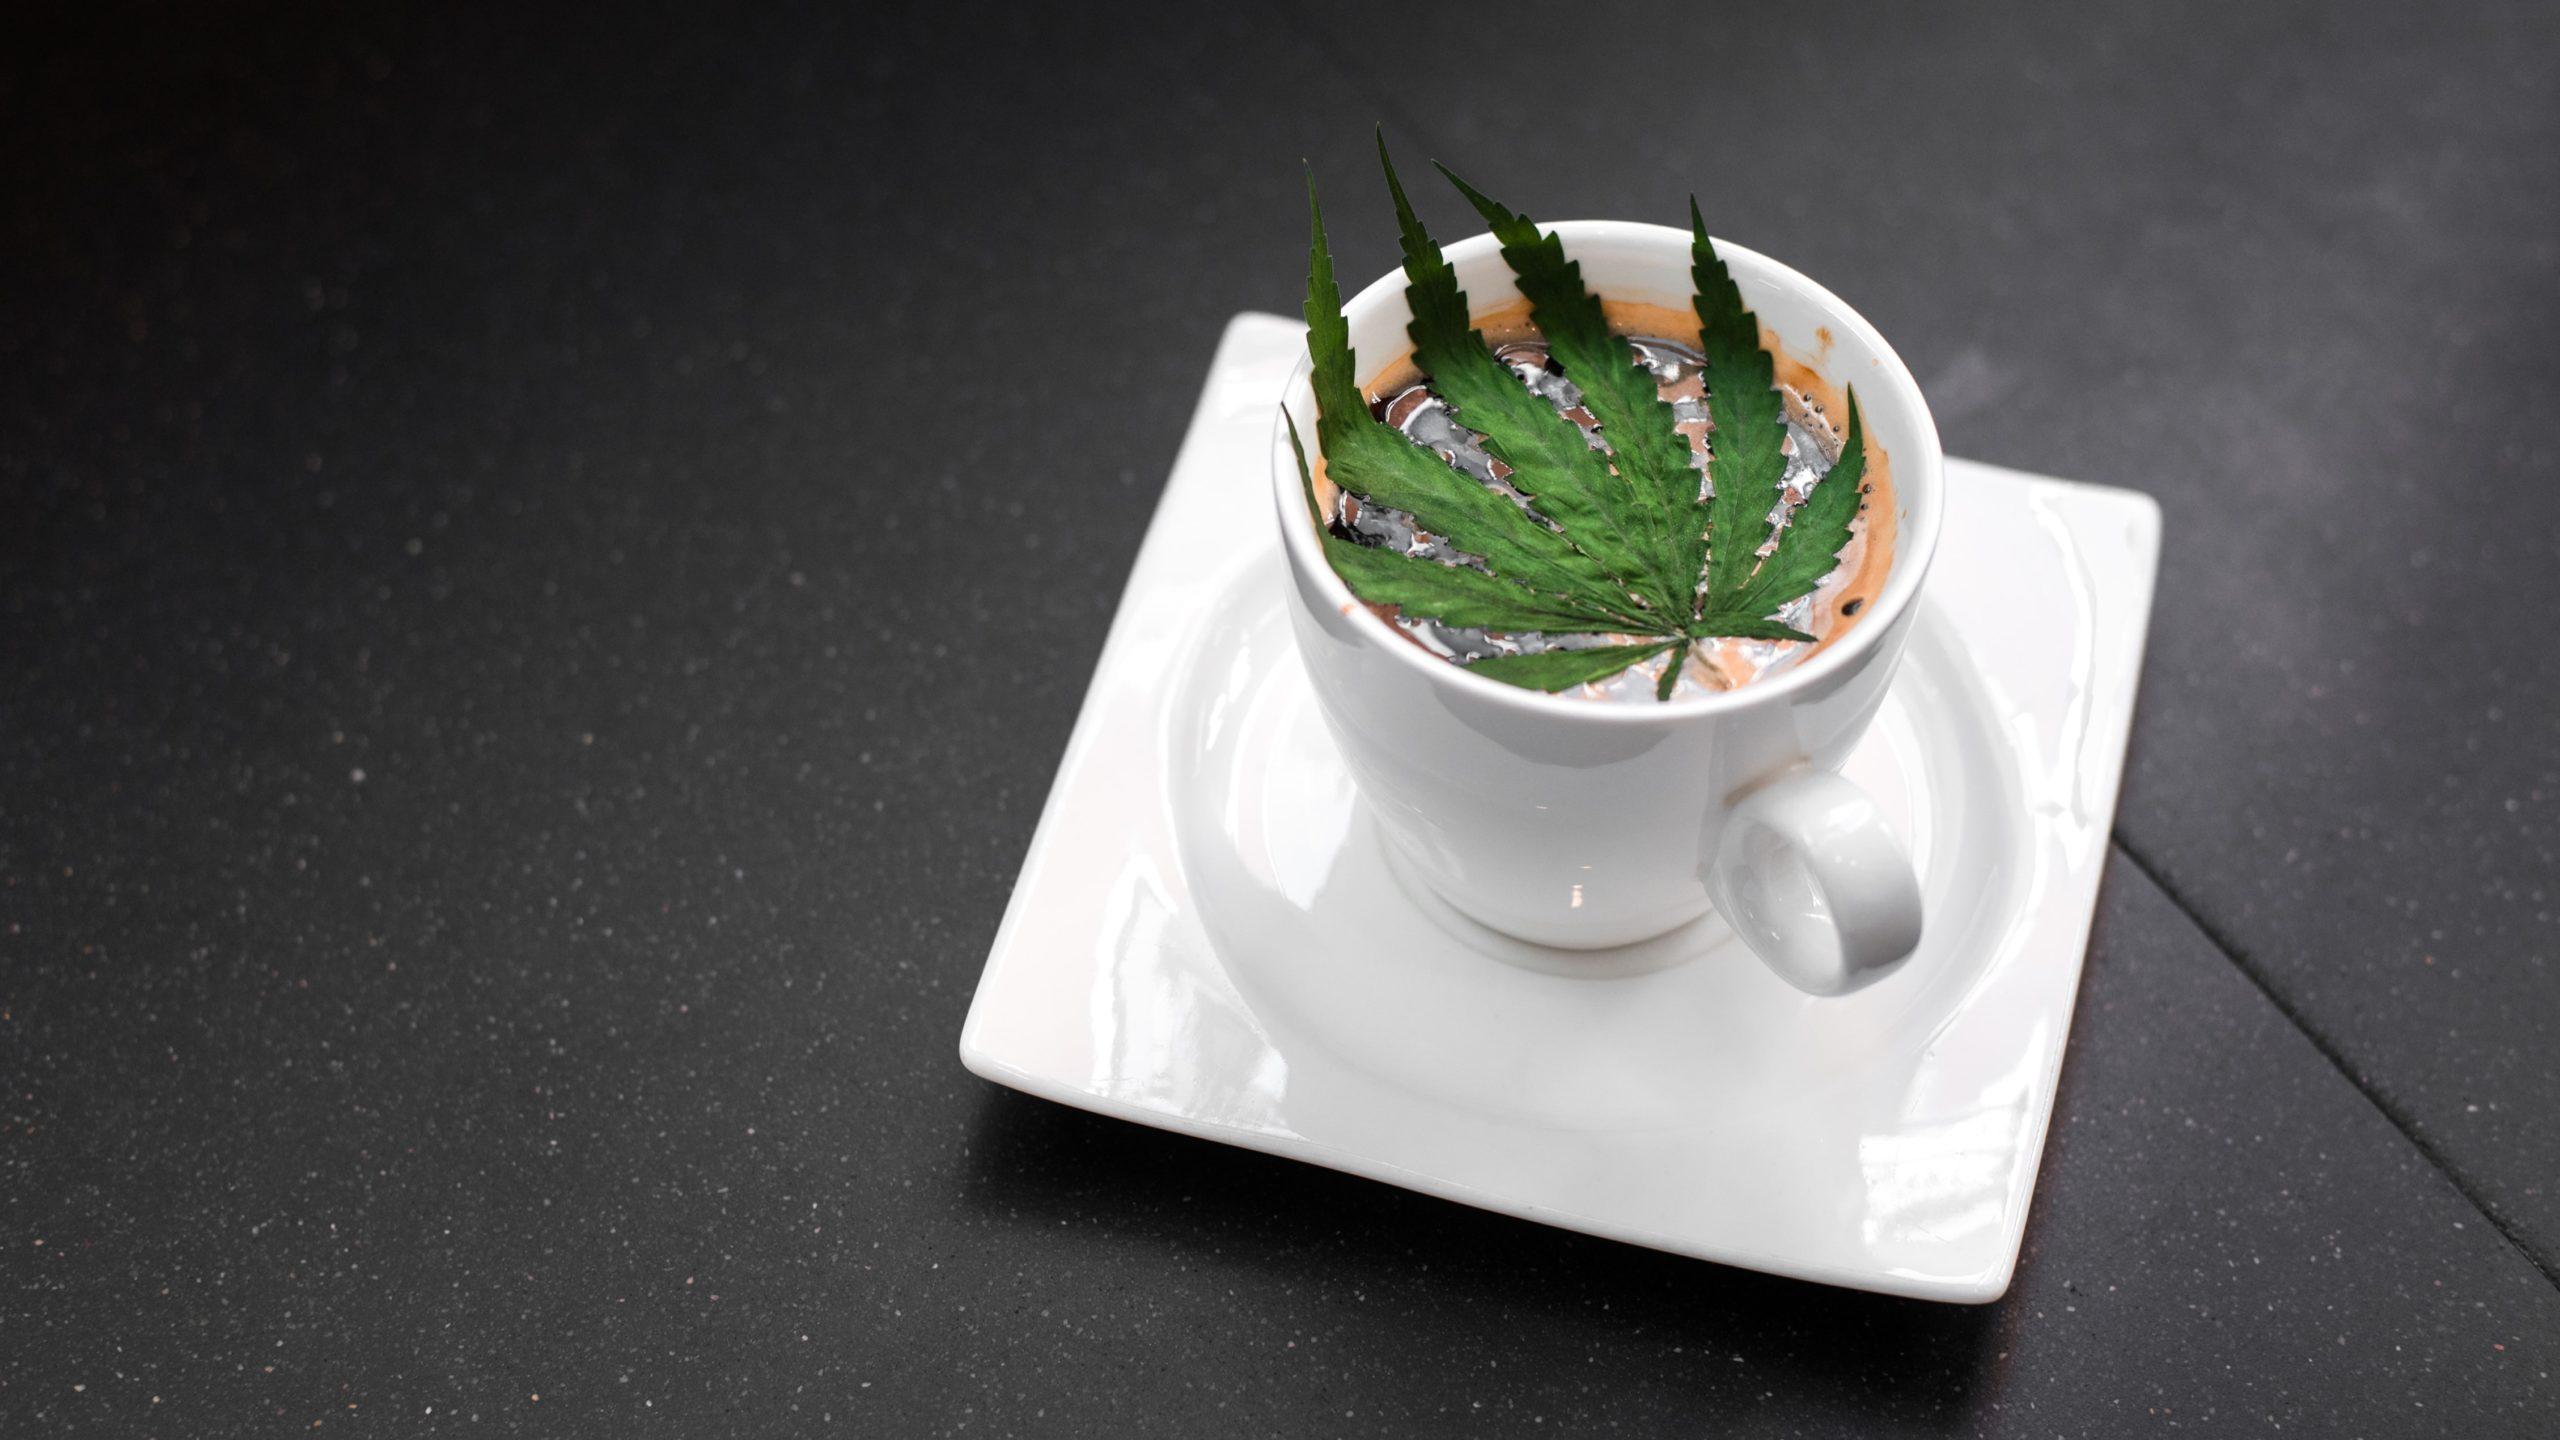 caffeine and cannabis